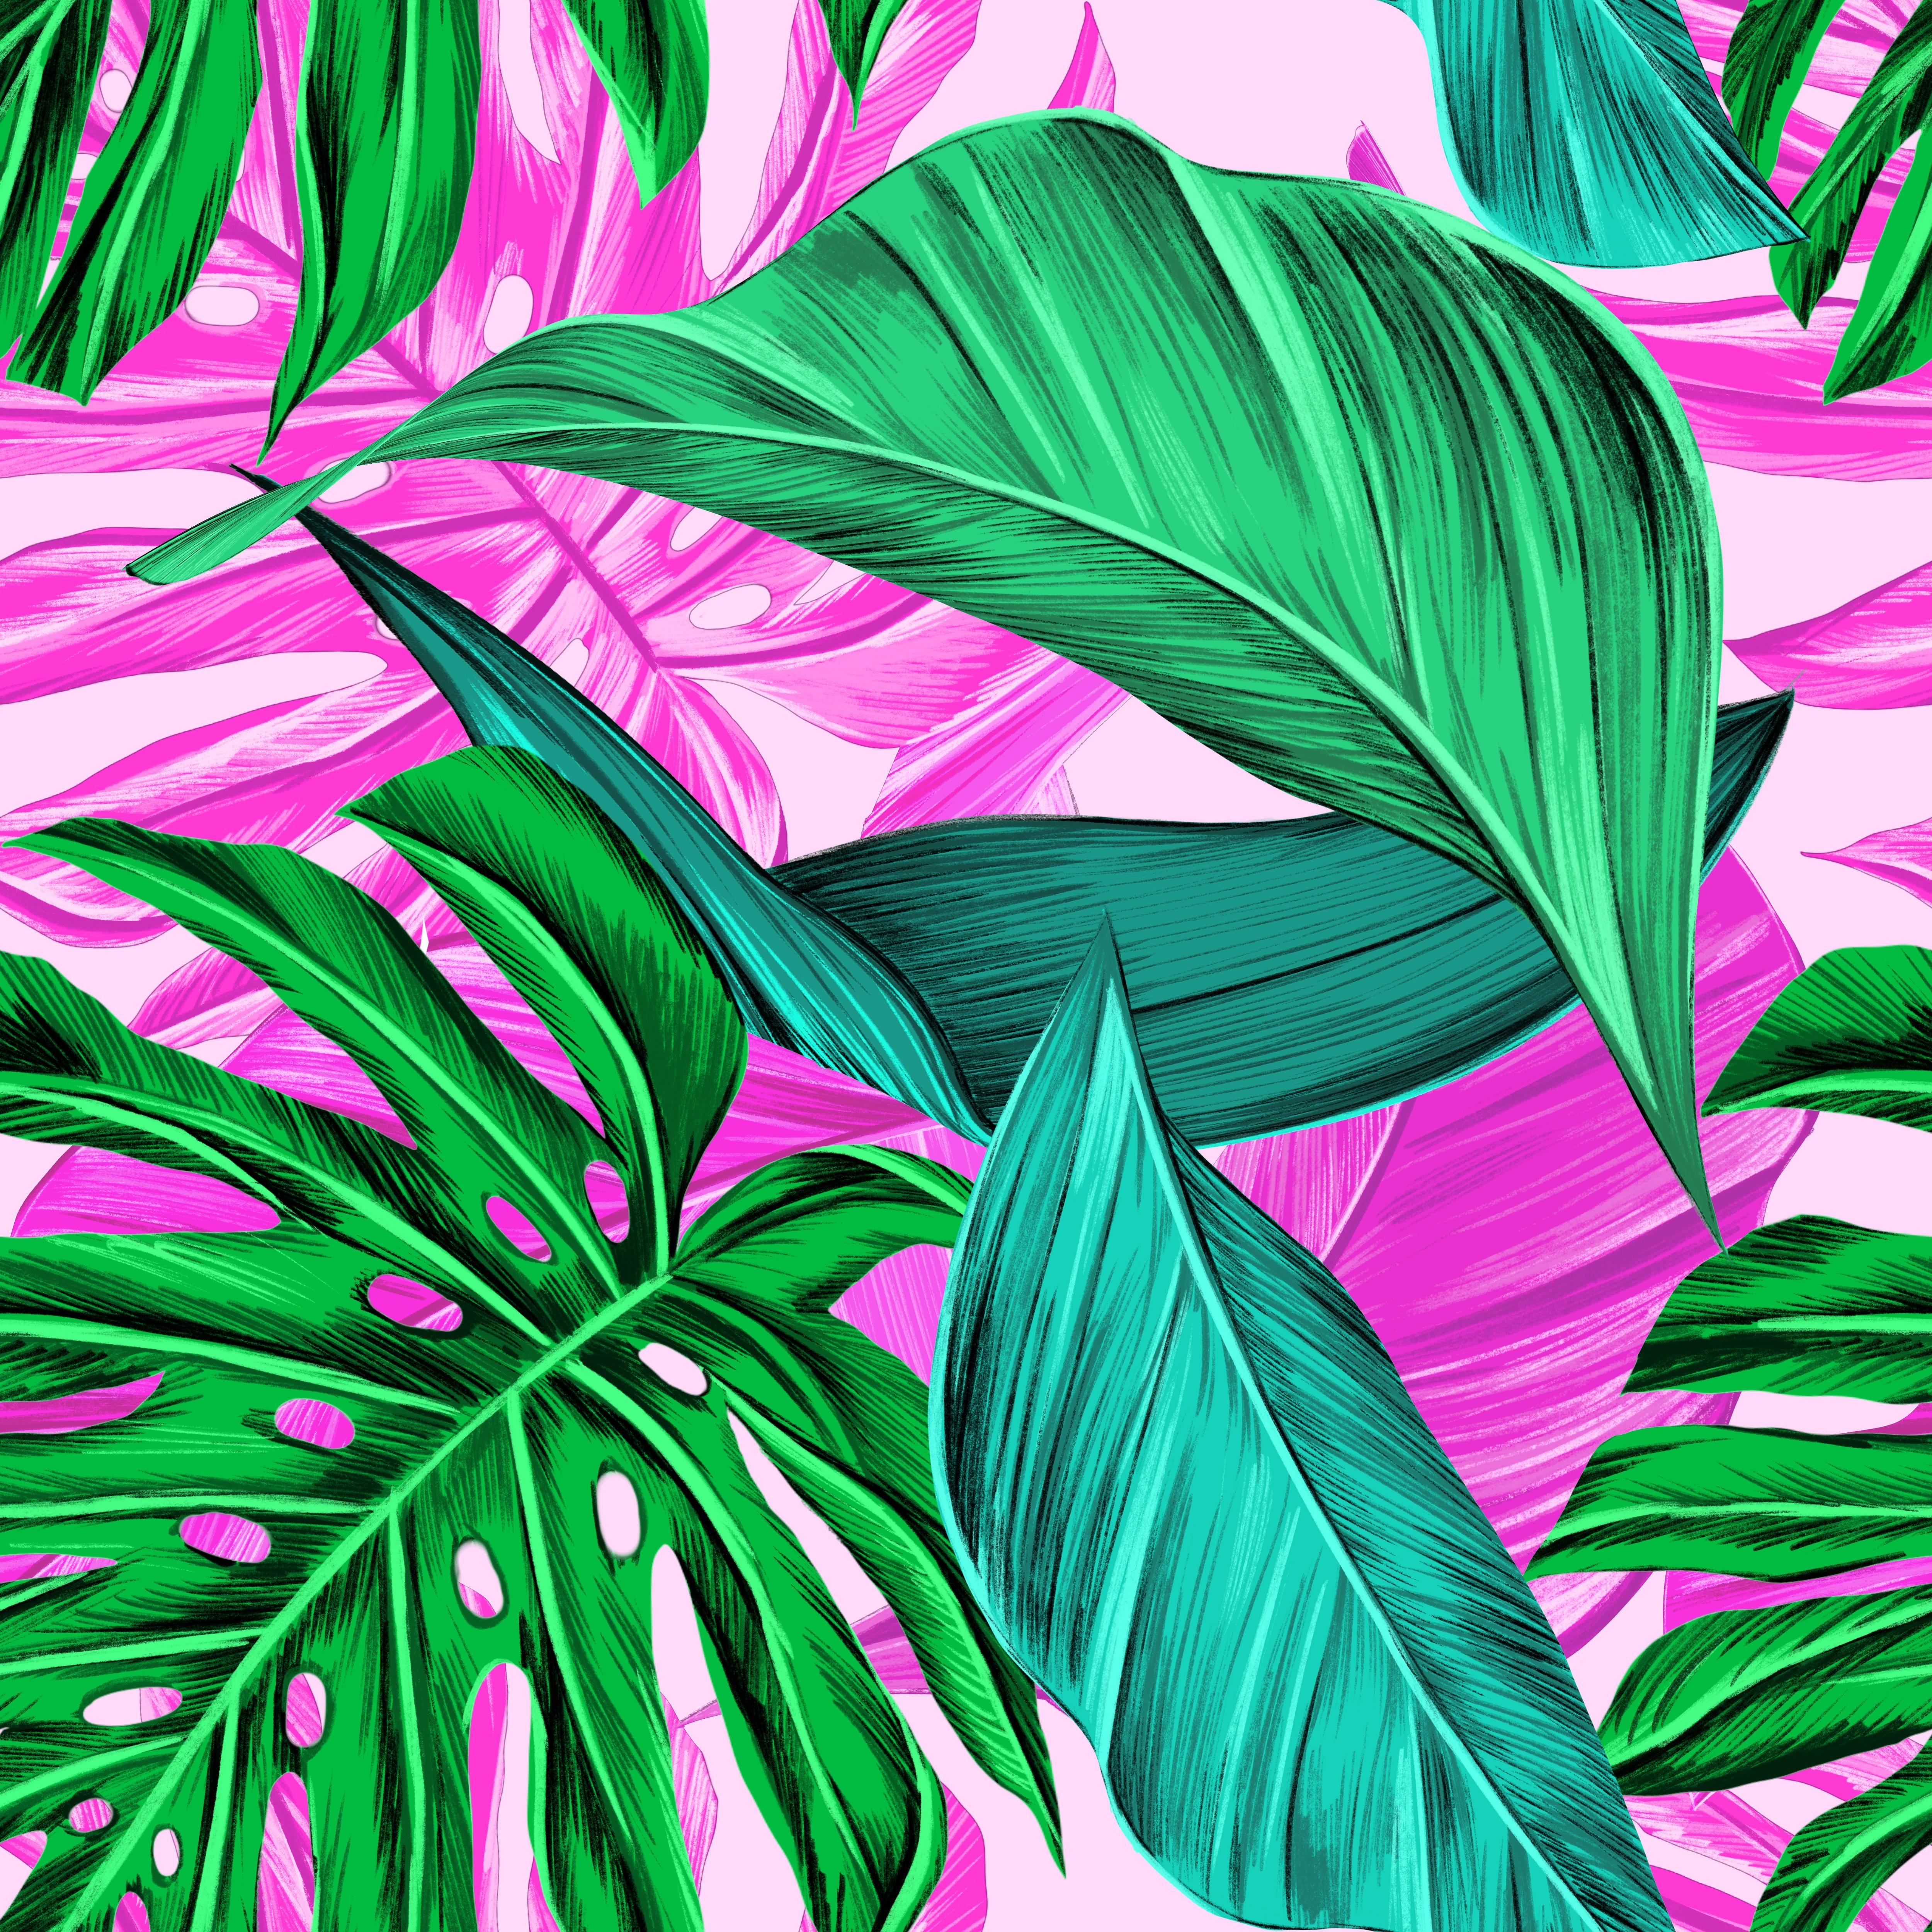 84817 免費下載壁紙 纹理, 叶, 图案, 形态, 明亮的, 明亮, 热带 屏保和圖片